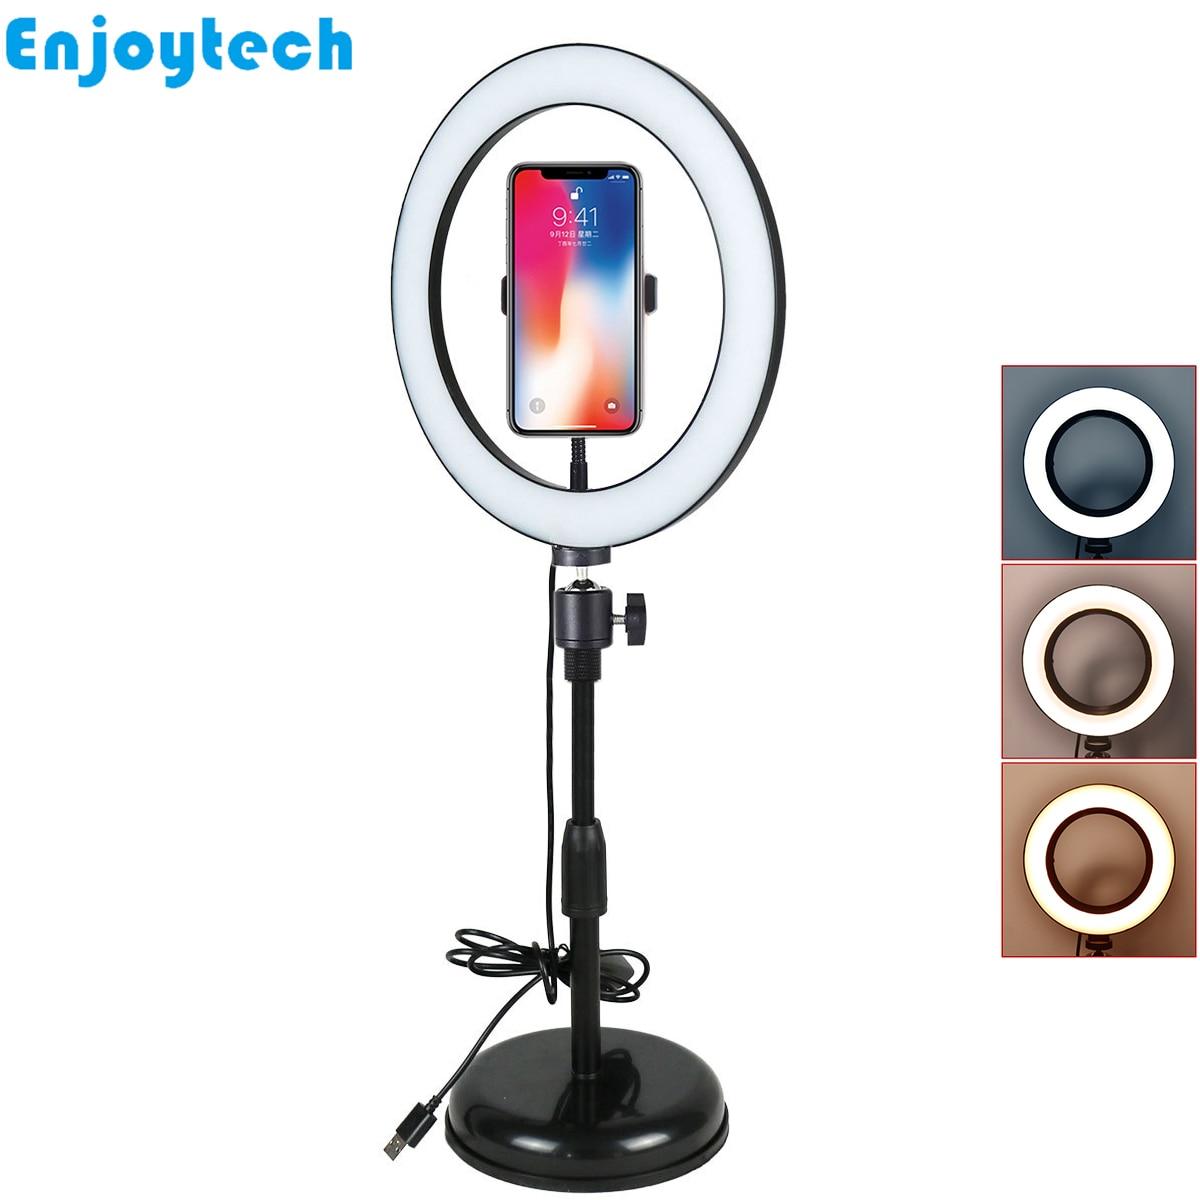 Nouveau support de table avec anneau de LED lampe Flash trépied avec support de téléphones mobiles pour blogueurs vidéo en direct